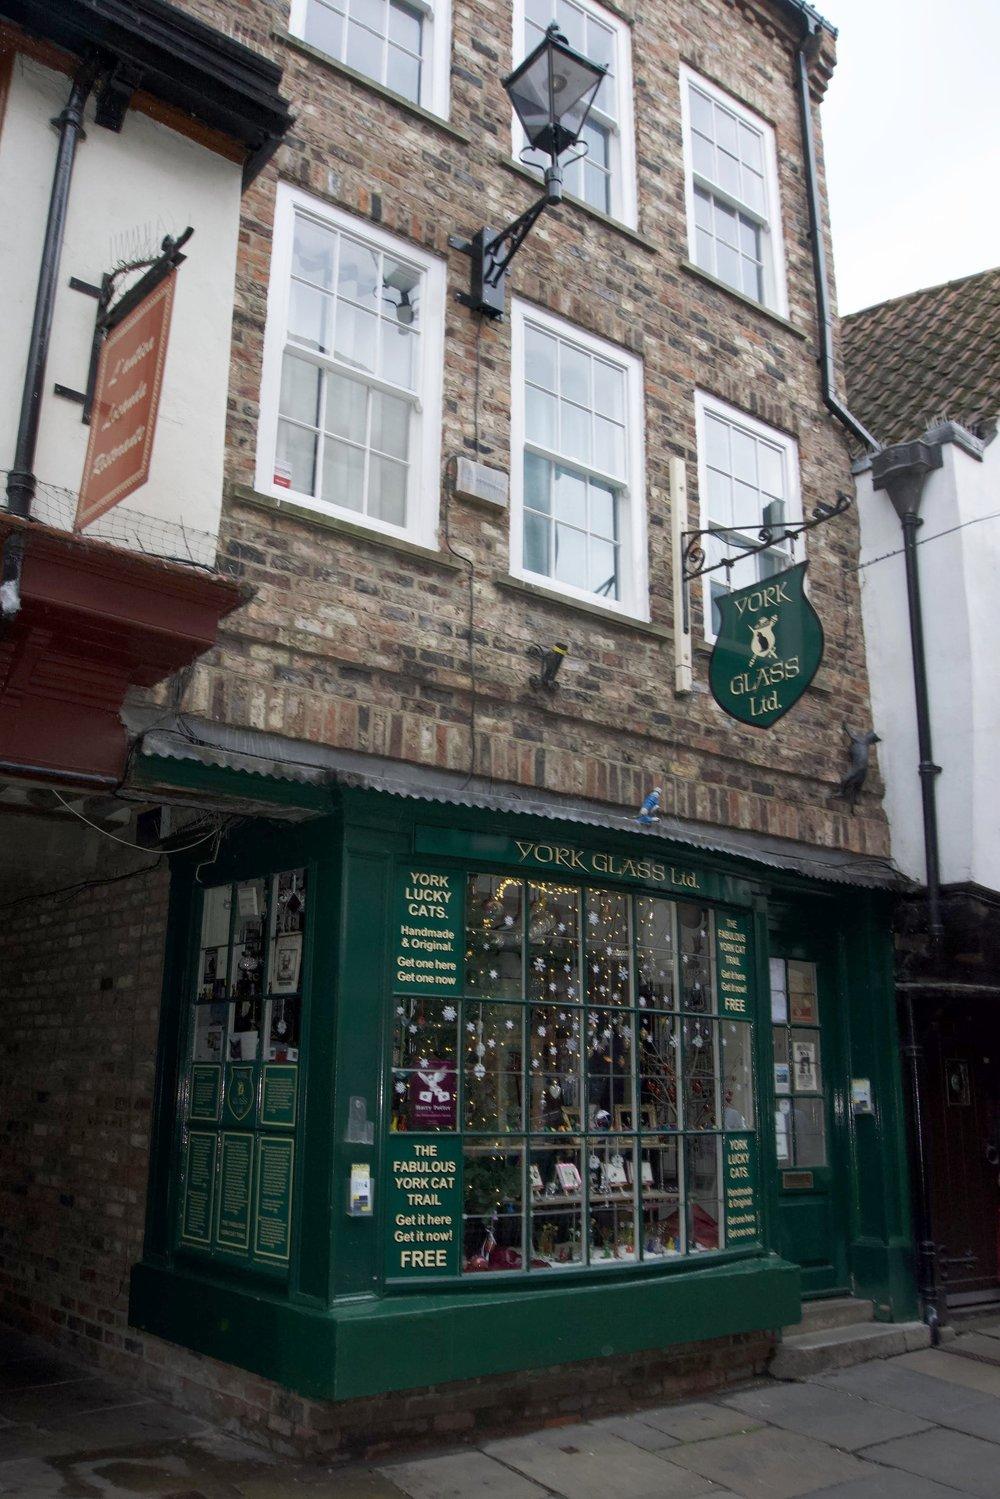 Ollivander's Wand Shop??